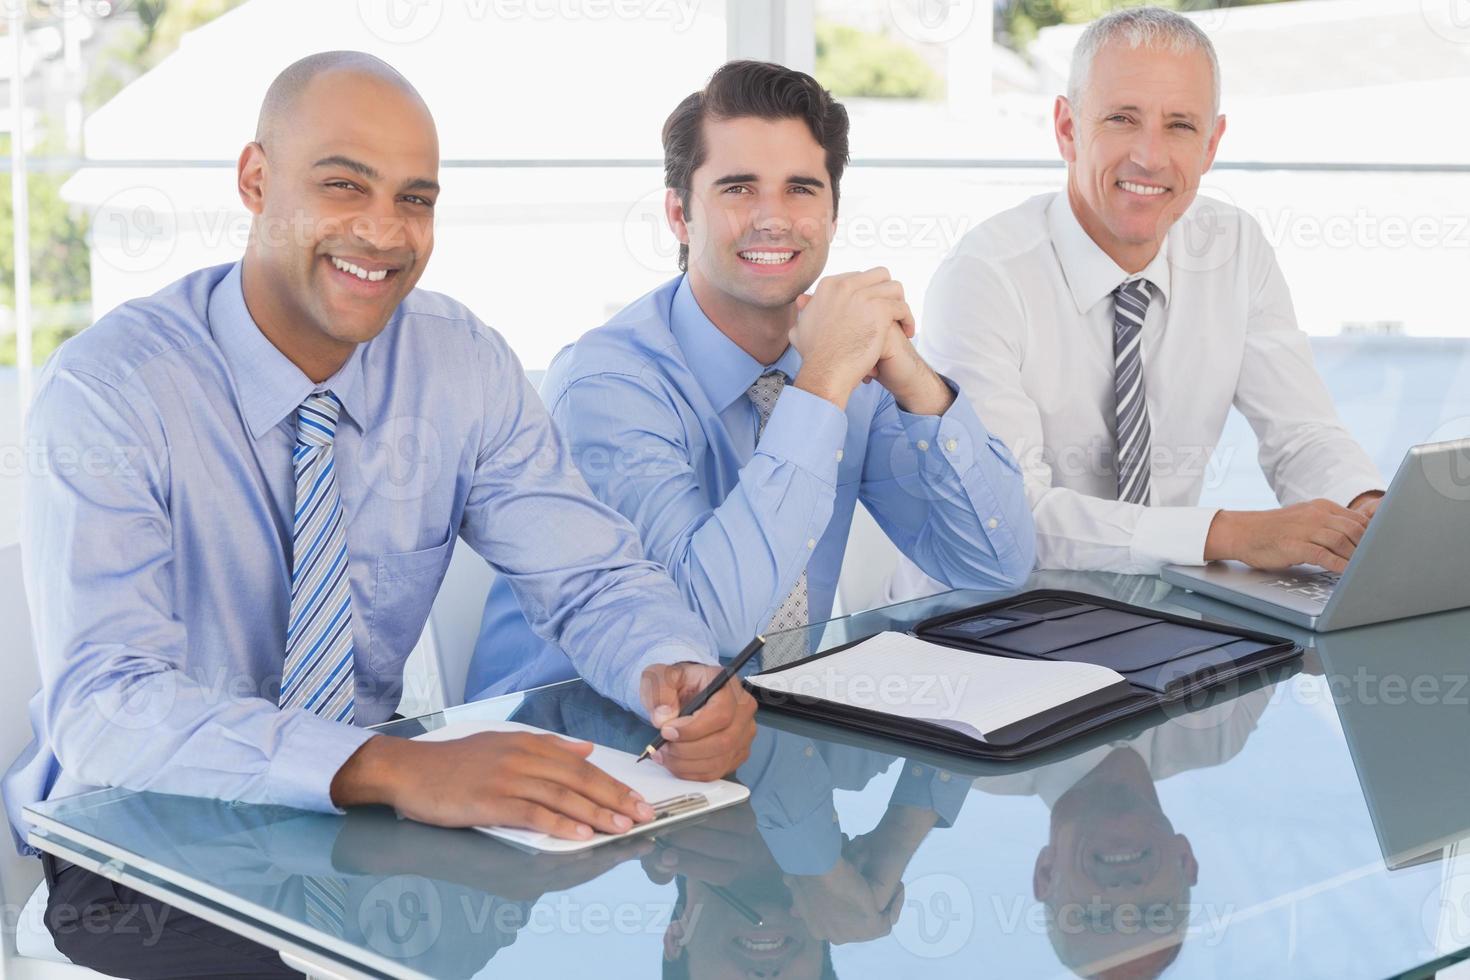 equipe de negócios durante a reunião foto